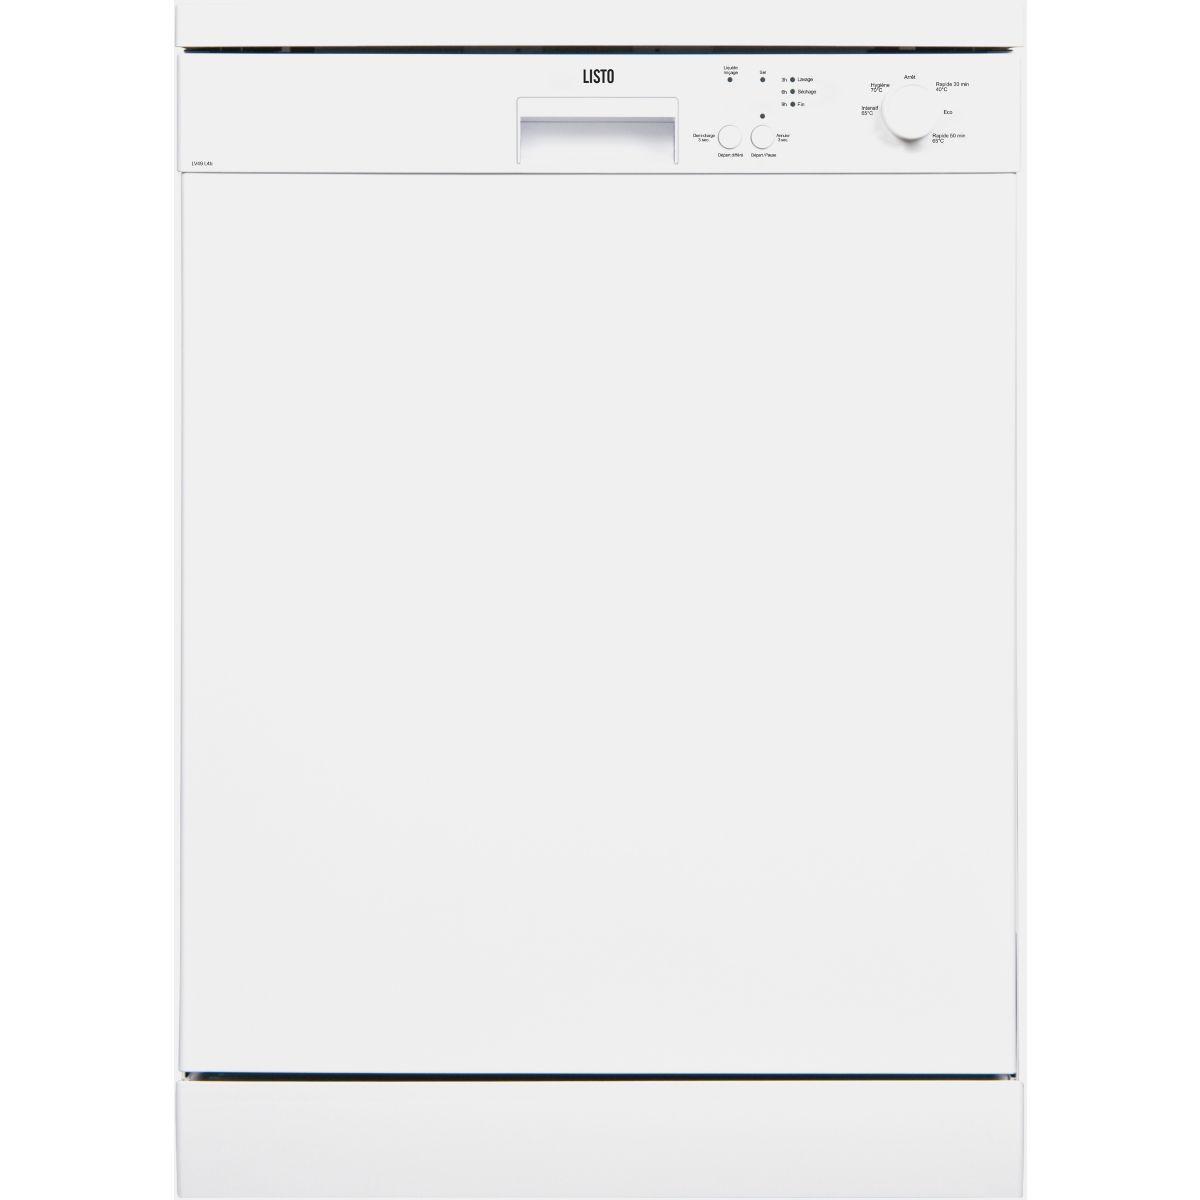 Lave-vaisselle 60cm LISTO LV49 L4b (photo)